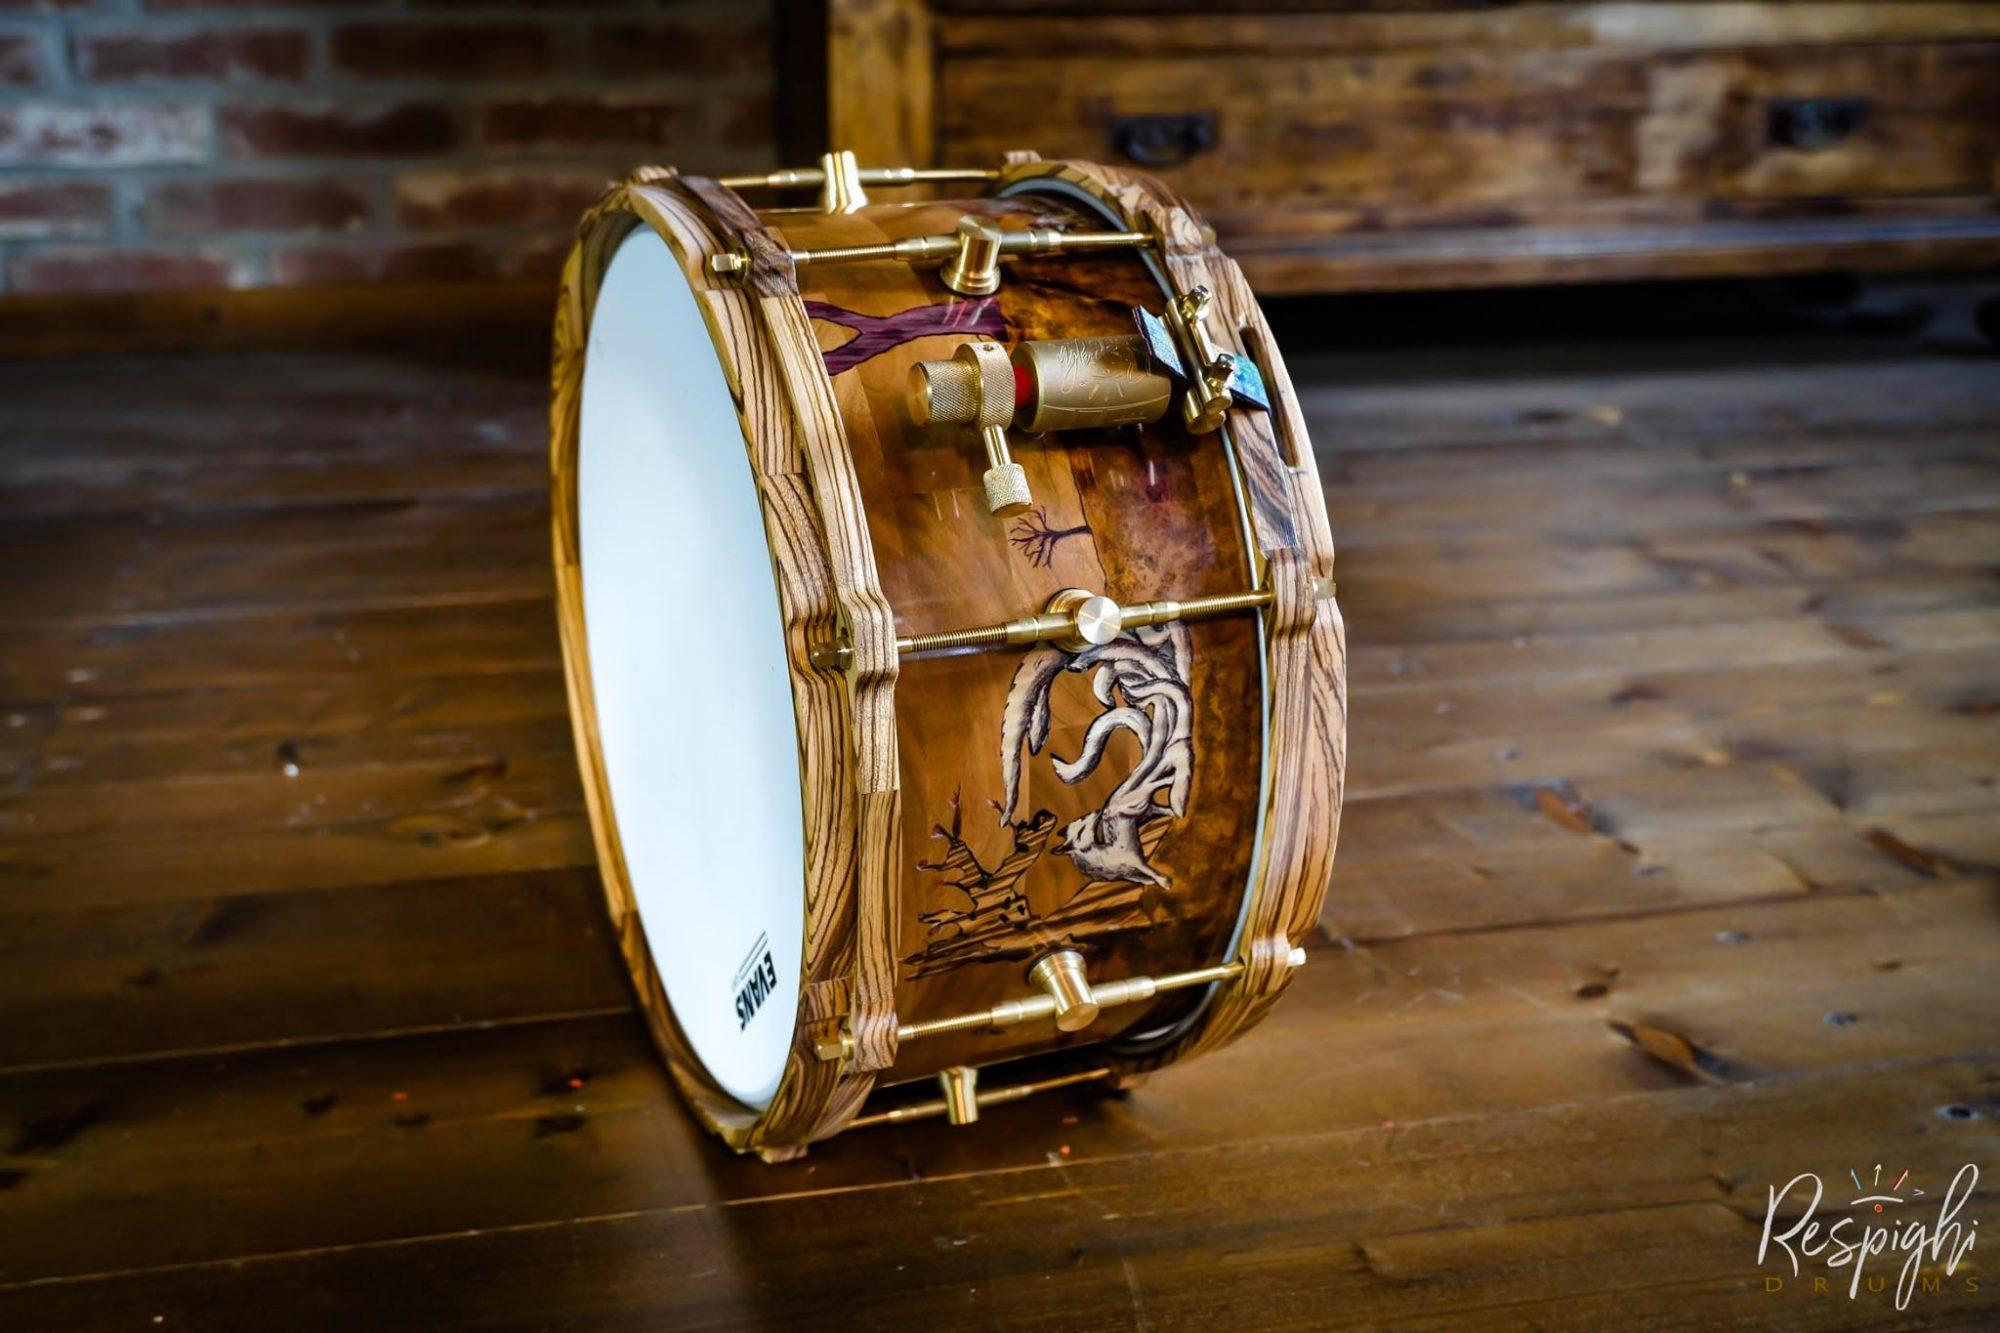 rullante artigianale a doghe orizzontali Kitsune No Yomeiri con hardware in ottone, macchinetta in ottone customizzata e cerchi in legno in zebrano di Respighi Drums